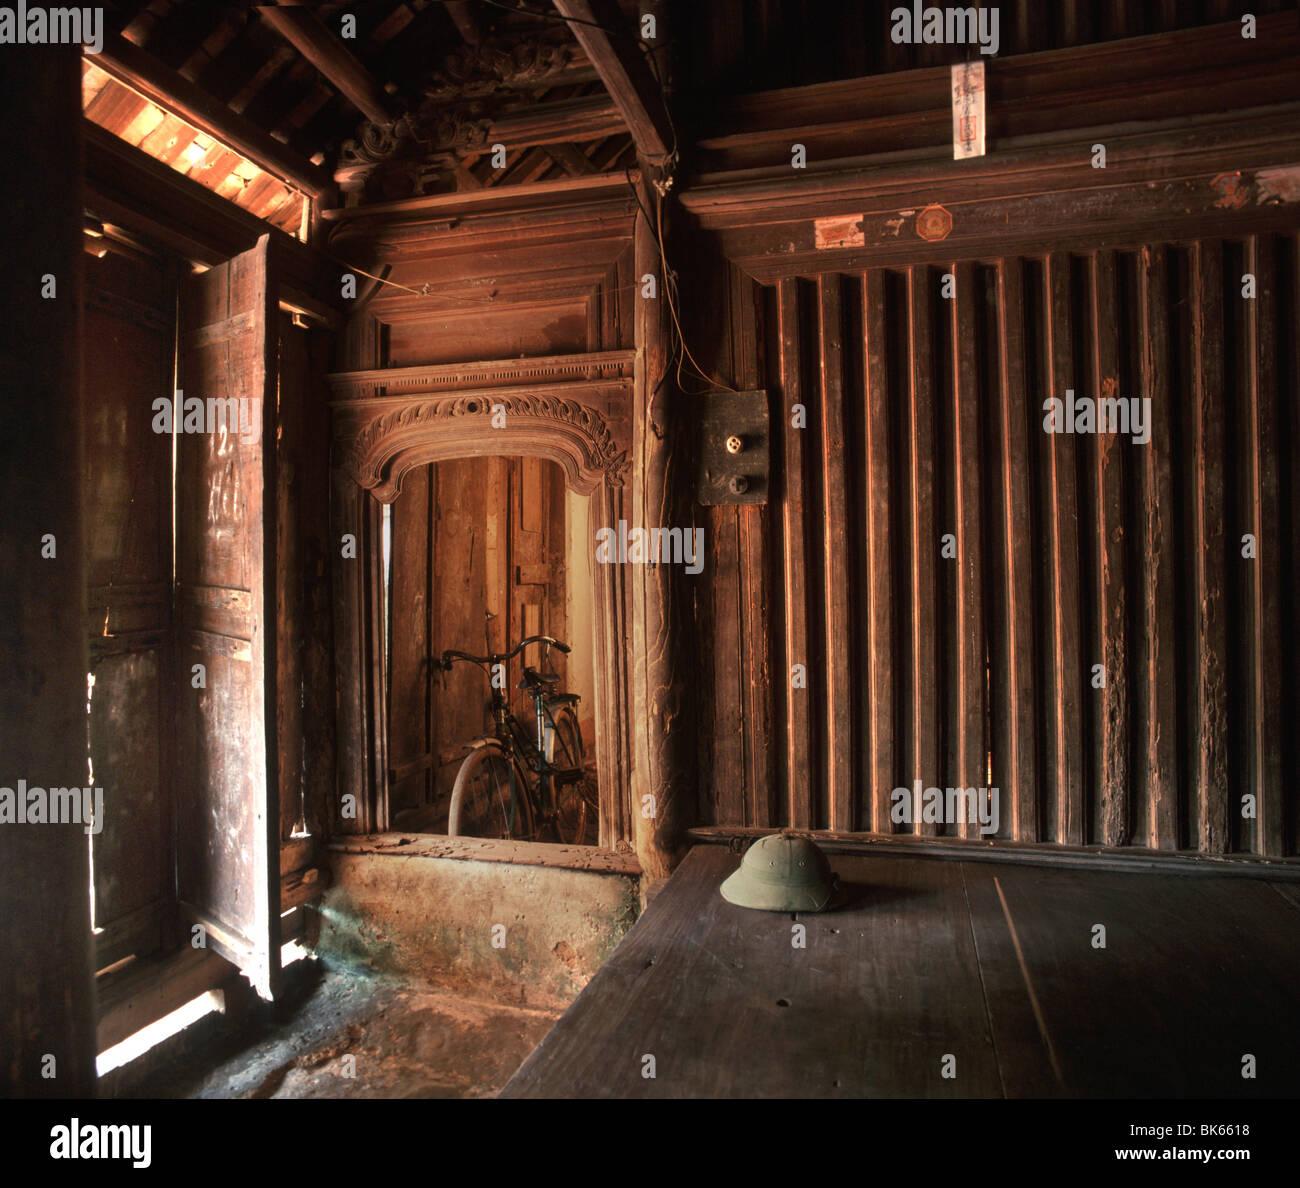 Interior de Mong Phu House, 400 años, Vietnam, Indochina, en el sudeste de Asia, Asia Imagen De Stock